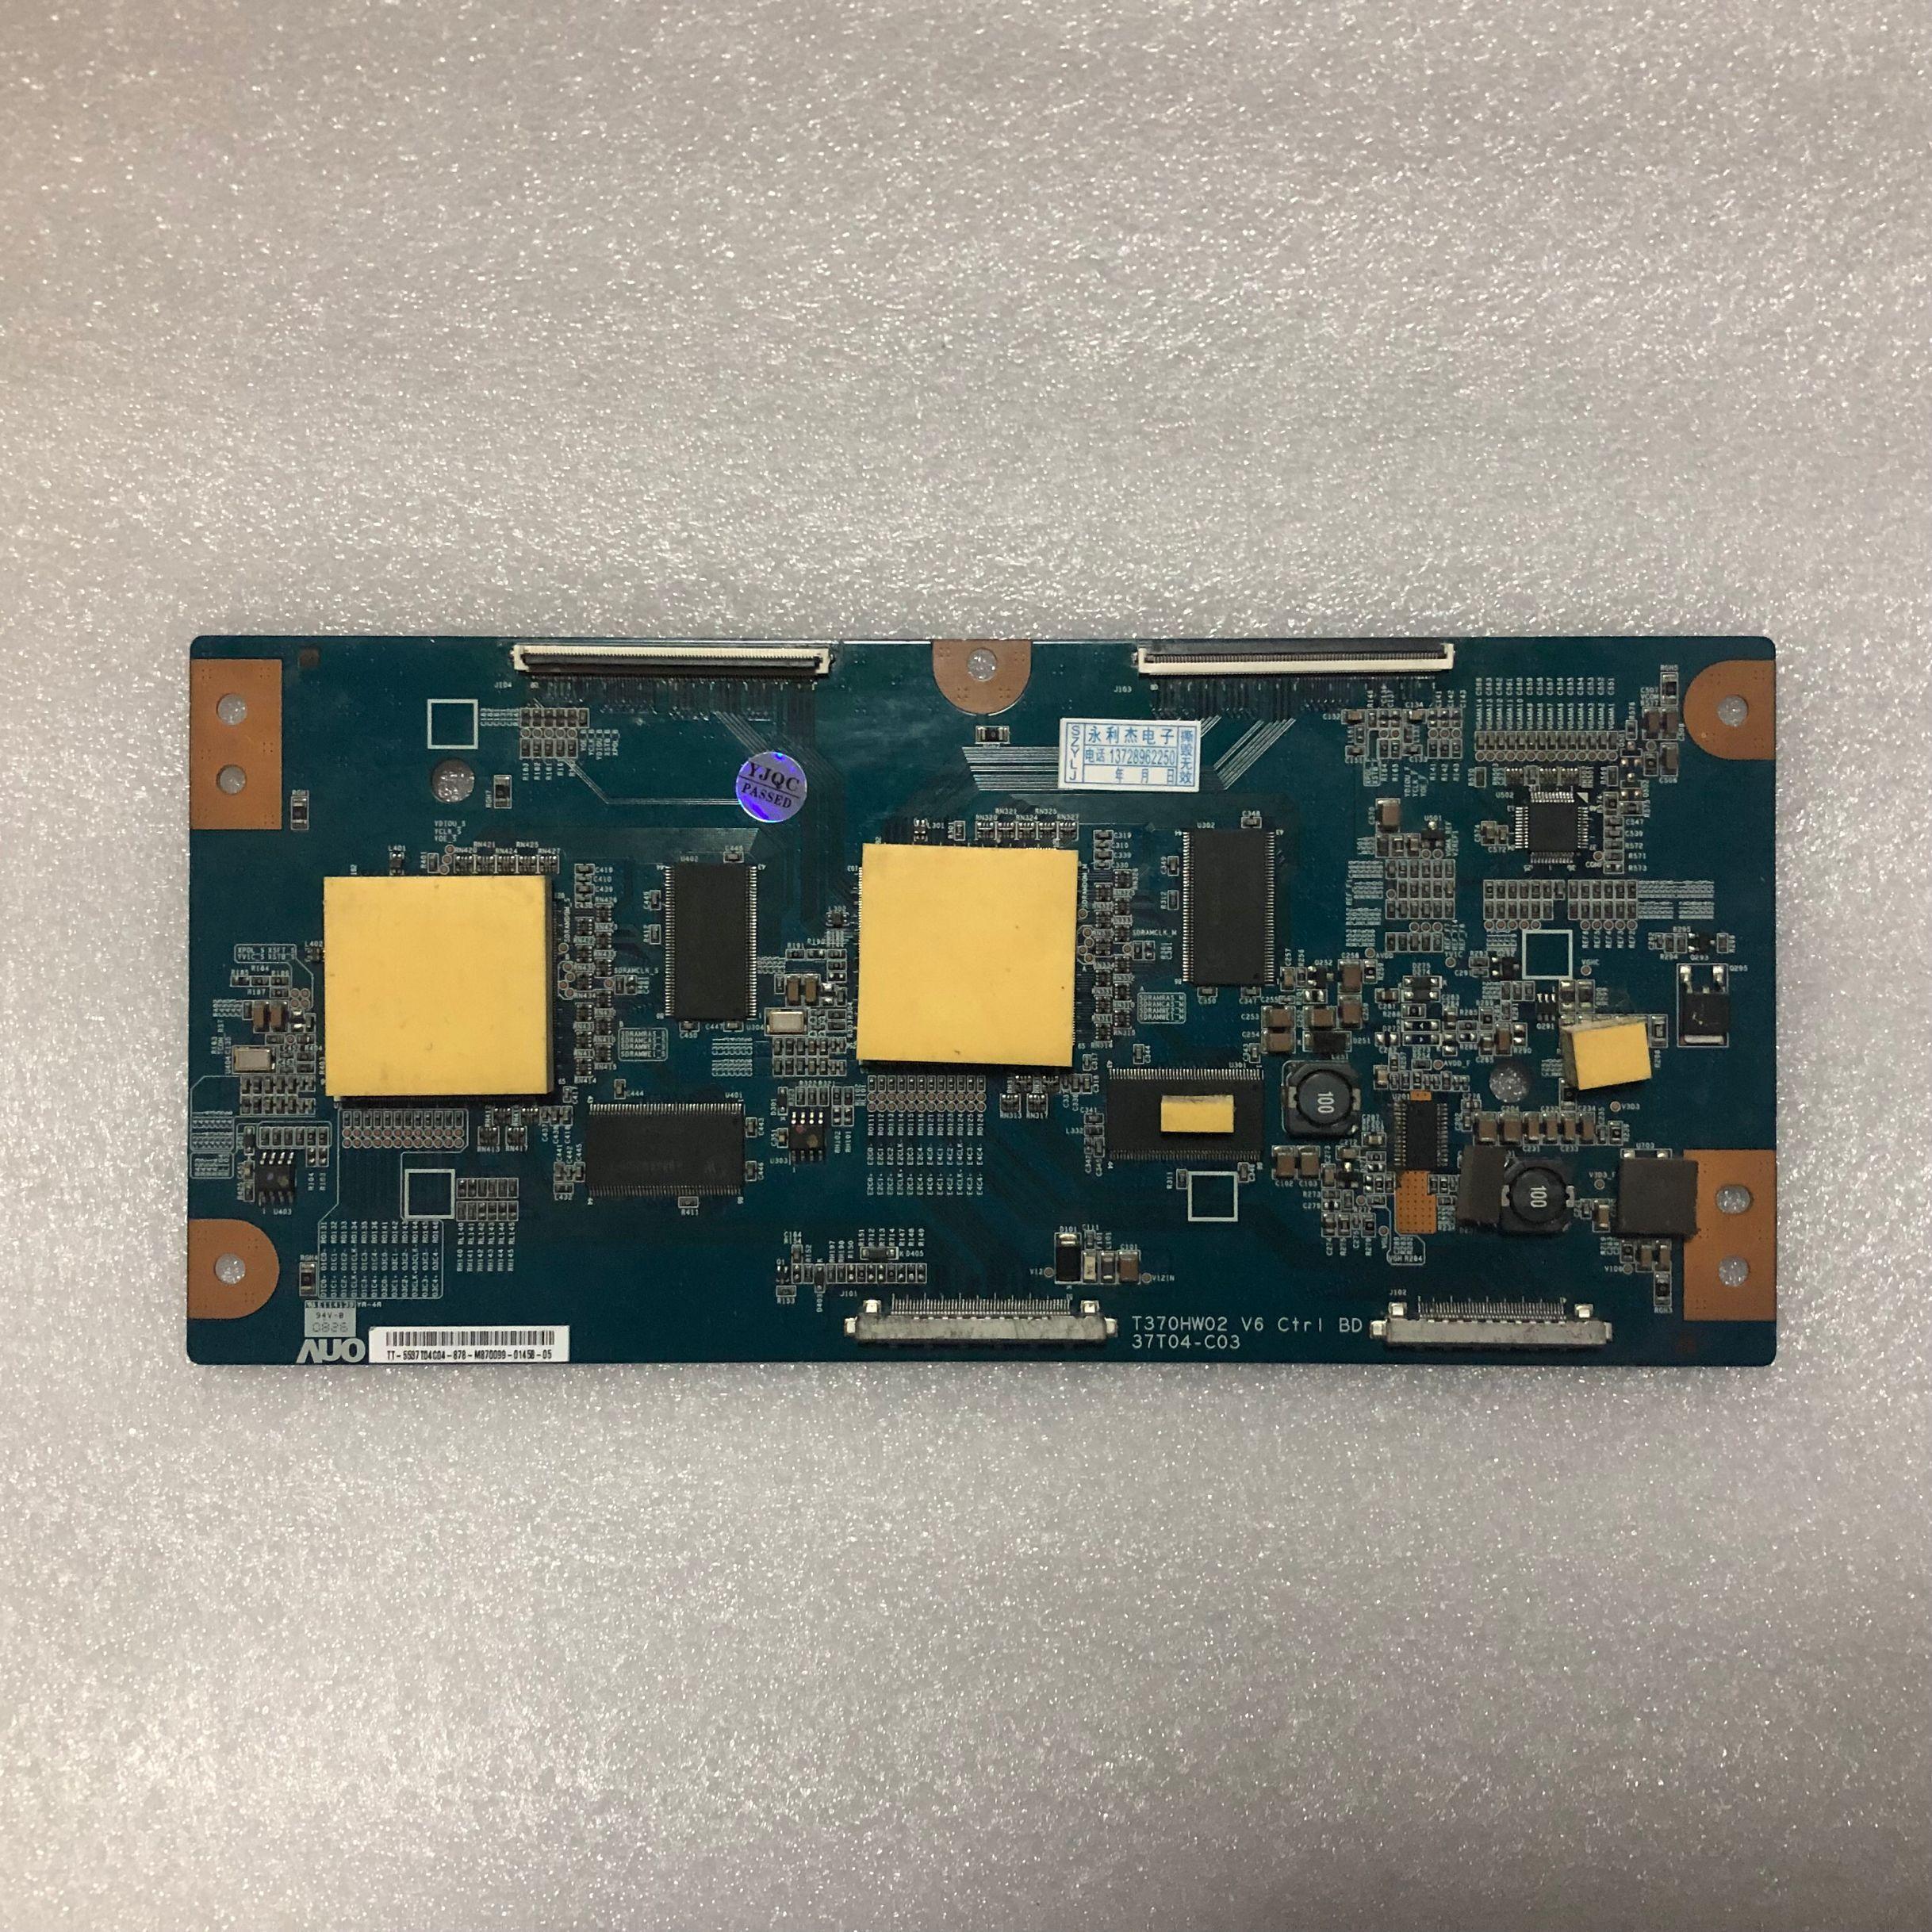 Оригинальная логическая плата T370HW02 V6 37T04-C03 = T370HW02 V9 для 37 дюймов,